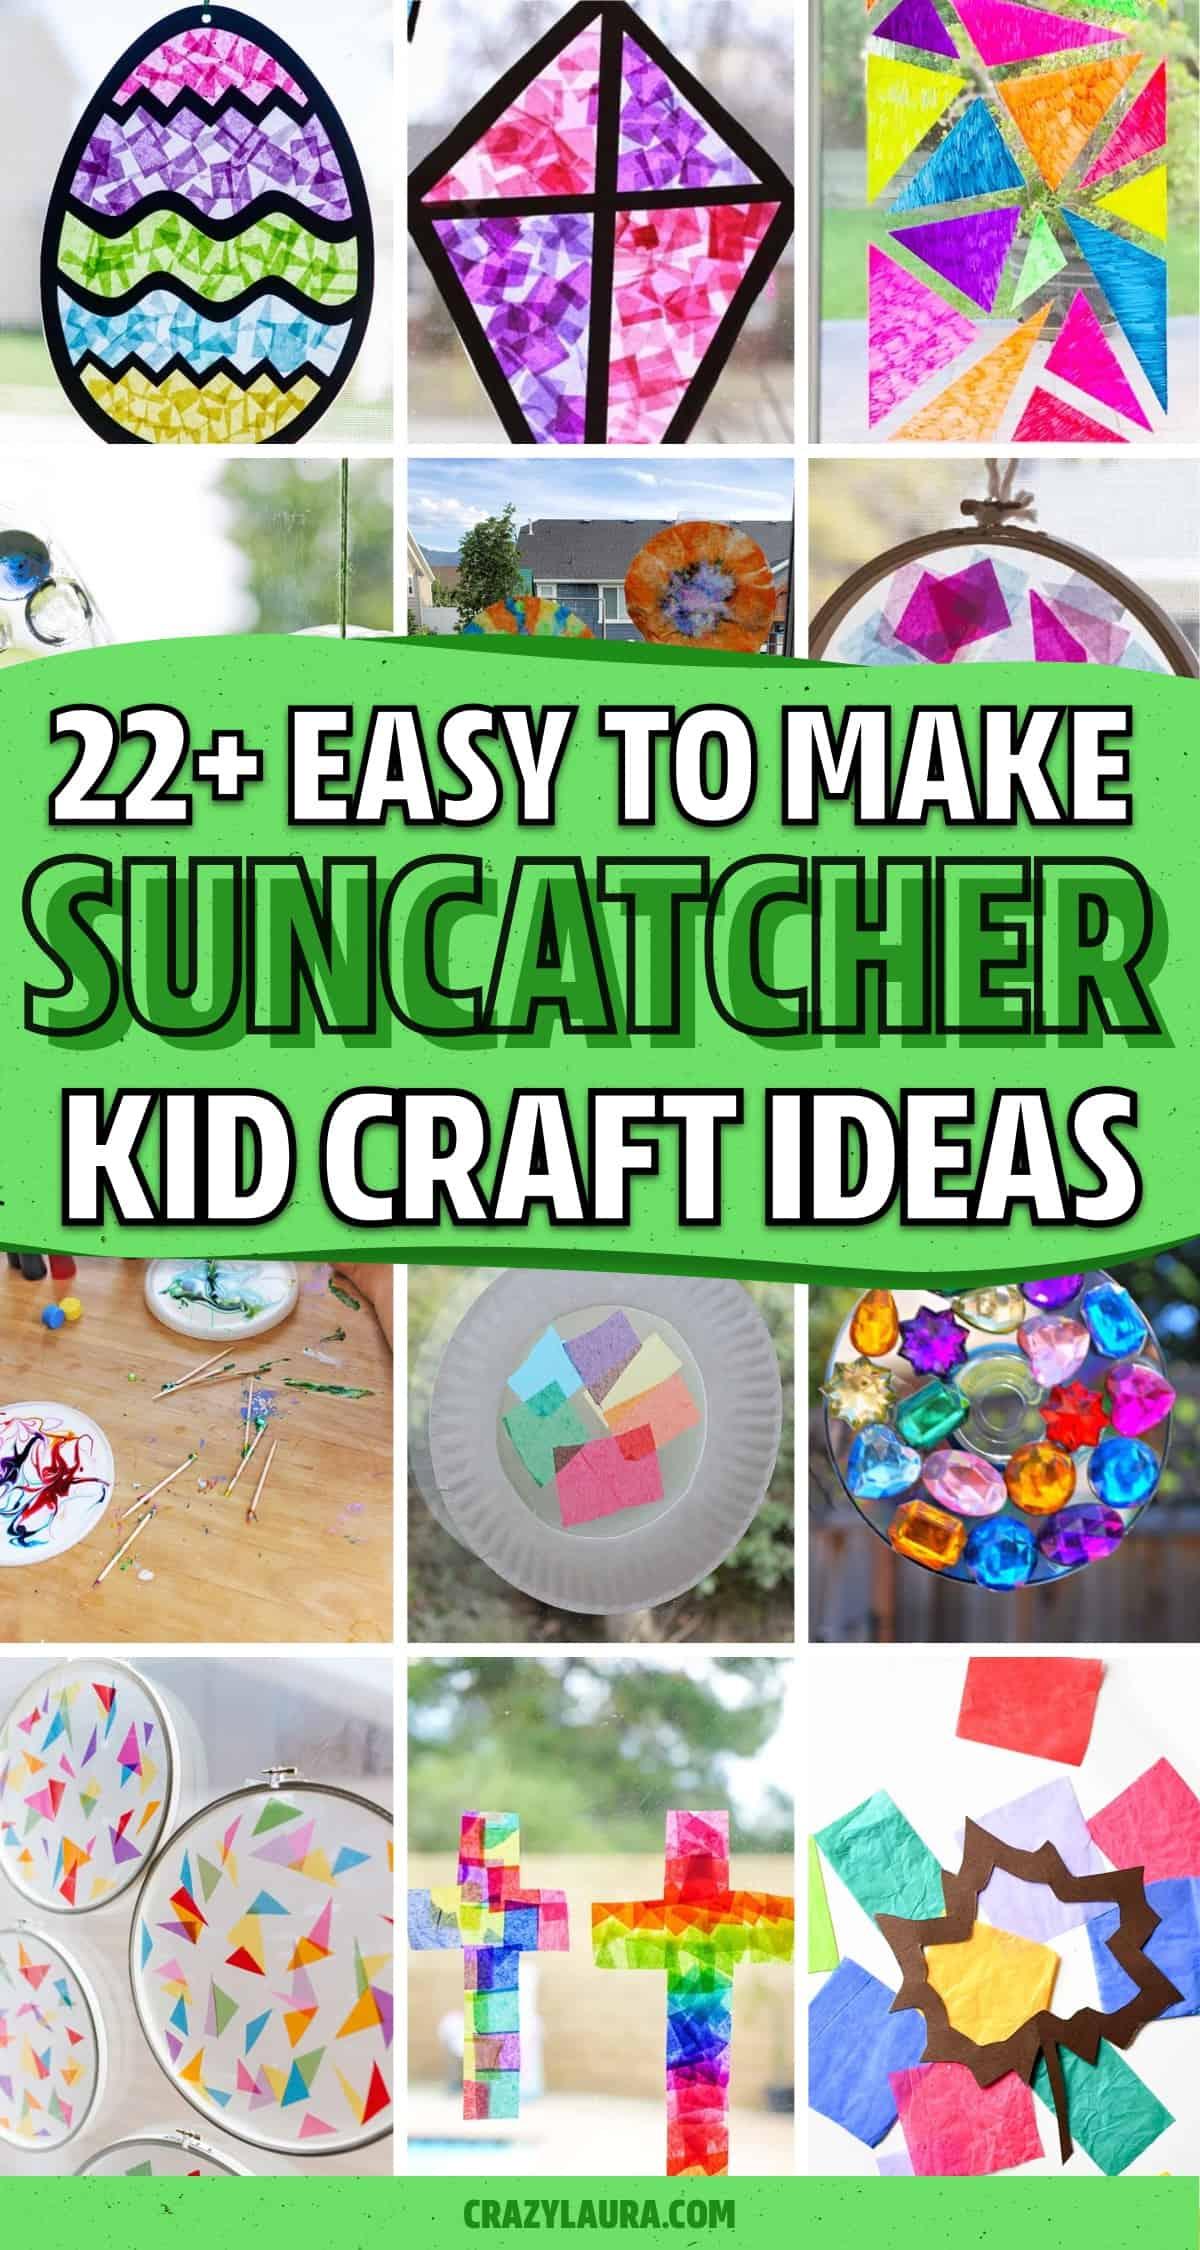 kid suncatcher craft ideas